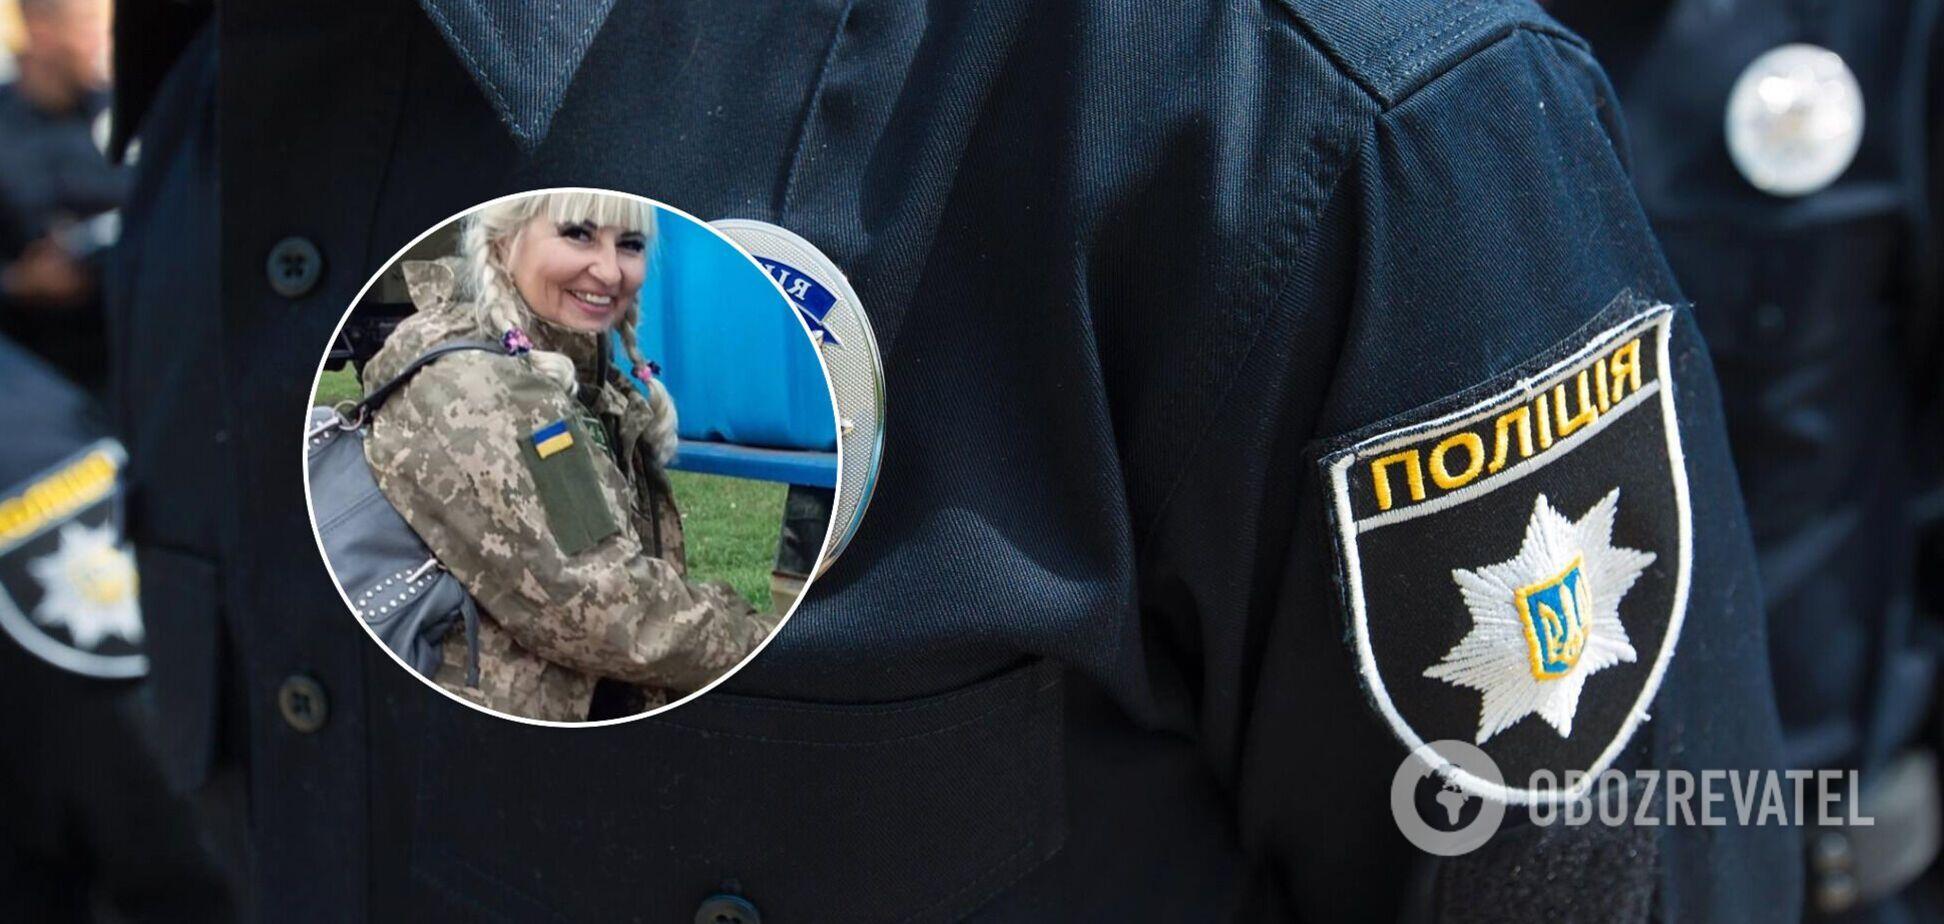 У Нікополі вбили волонтерку, яка допомагала військовим: ЗМІ дізналися дані про зґвалтування і підпал. Фото